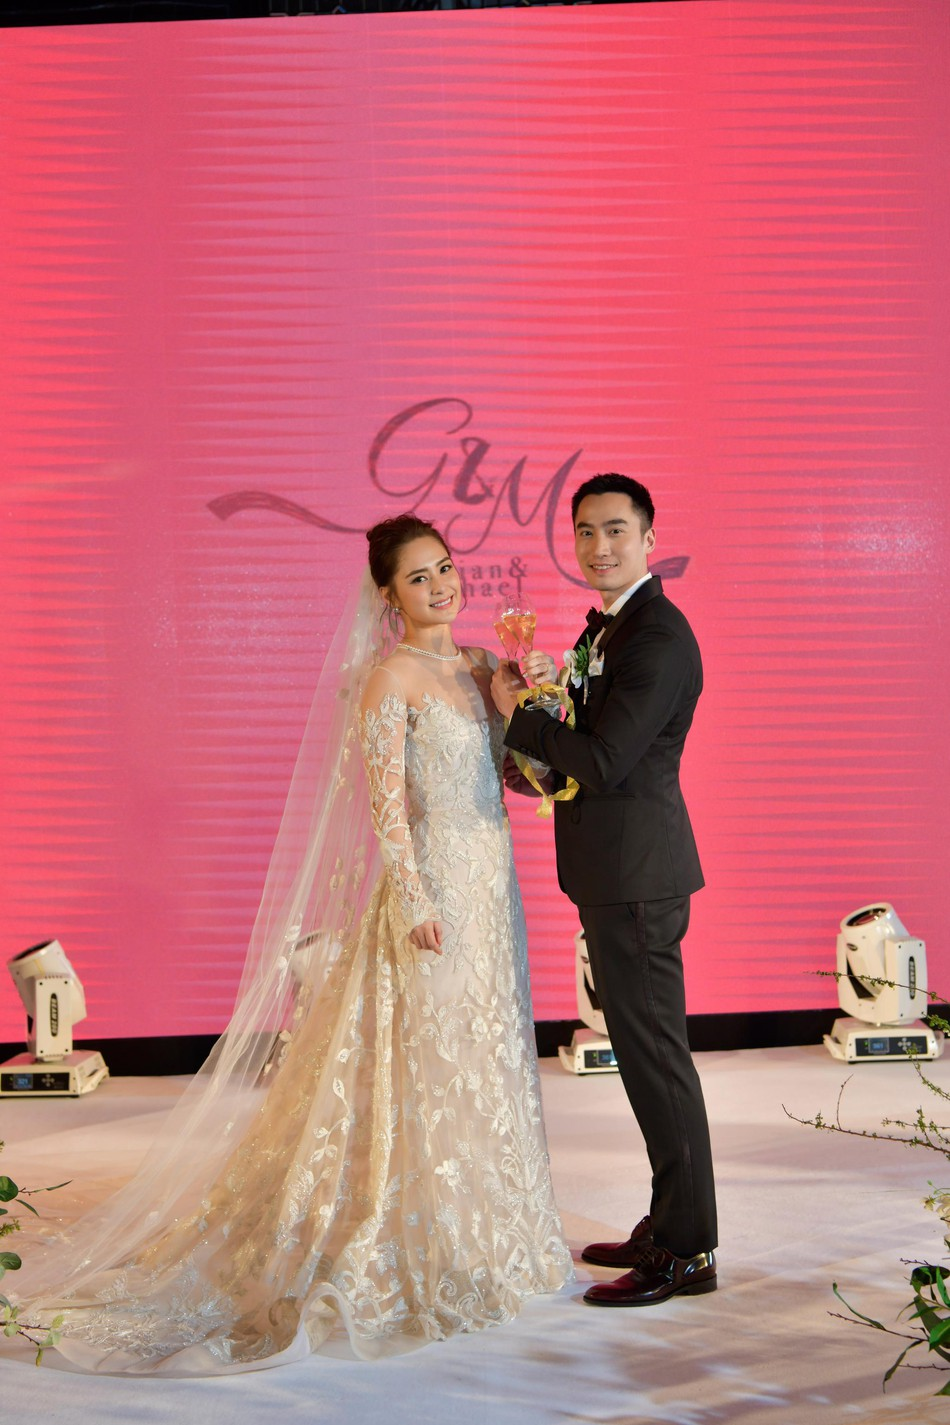 Đám cưới hoành tráng của Chung Hân Đồng: Ông trùm showbiz Hong Kong, con gái tài phiệt Macau cùng dàn sao hạng A tề tựu đông đủ - Ảnh 37.